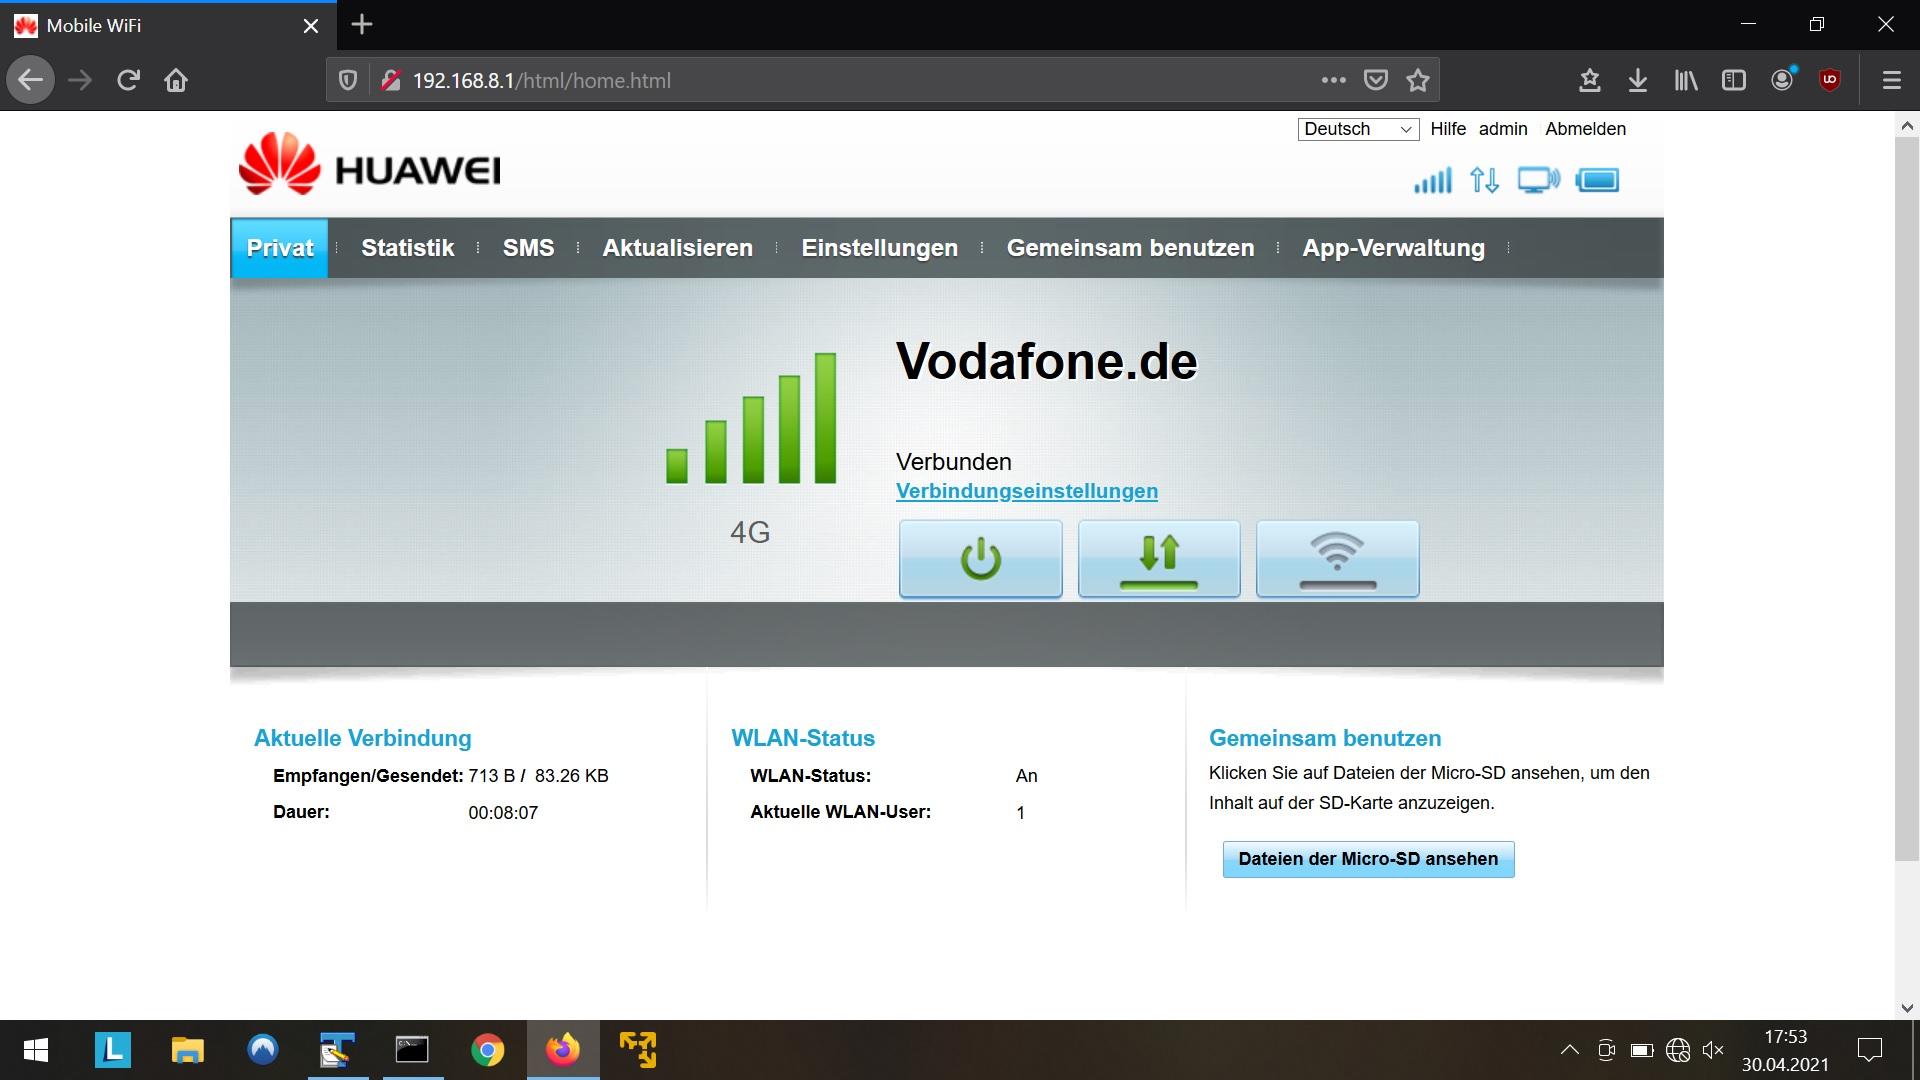 HuaweiOberflaeche.jpg